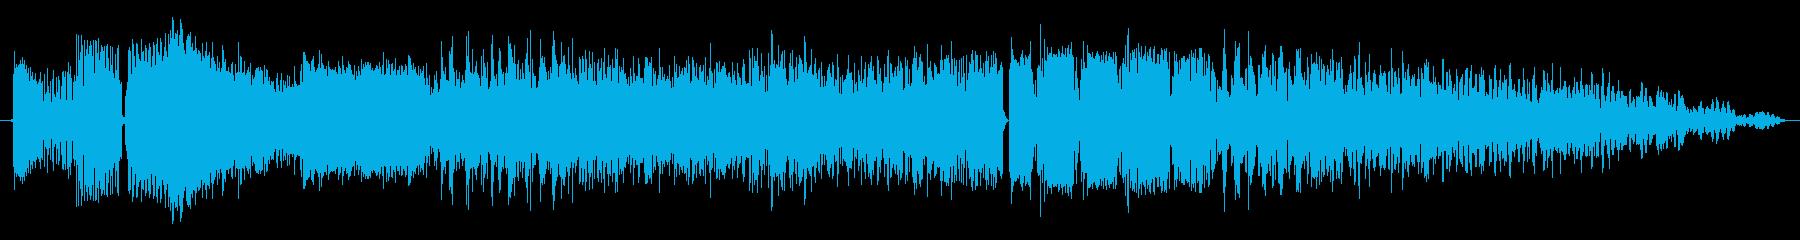 信号発生器の再生済みの波形